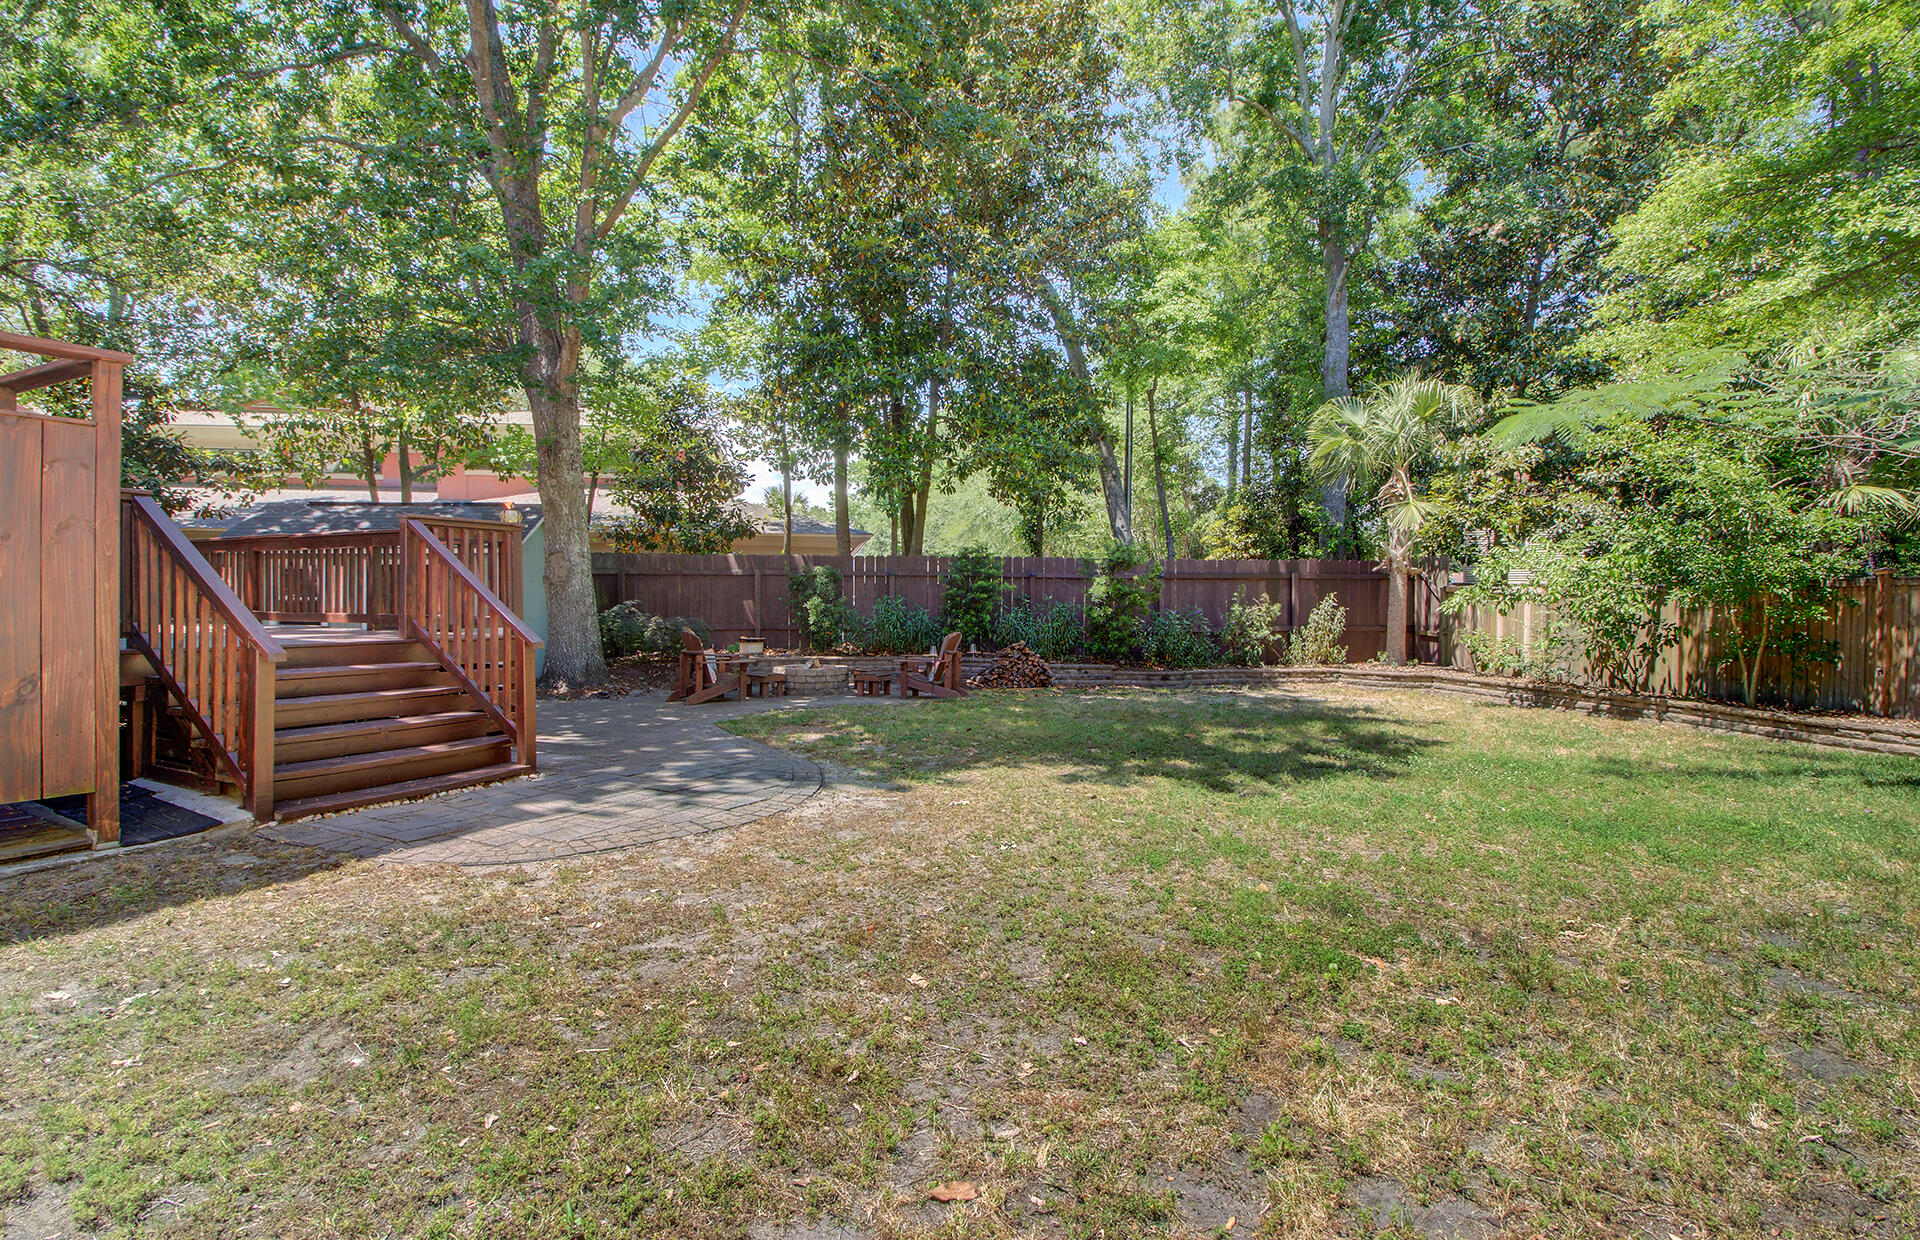 Phillips Park Homes For Sale - 1129 Phillips Park, Mount Pleasant, SC - 0